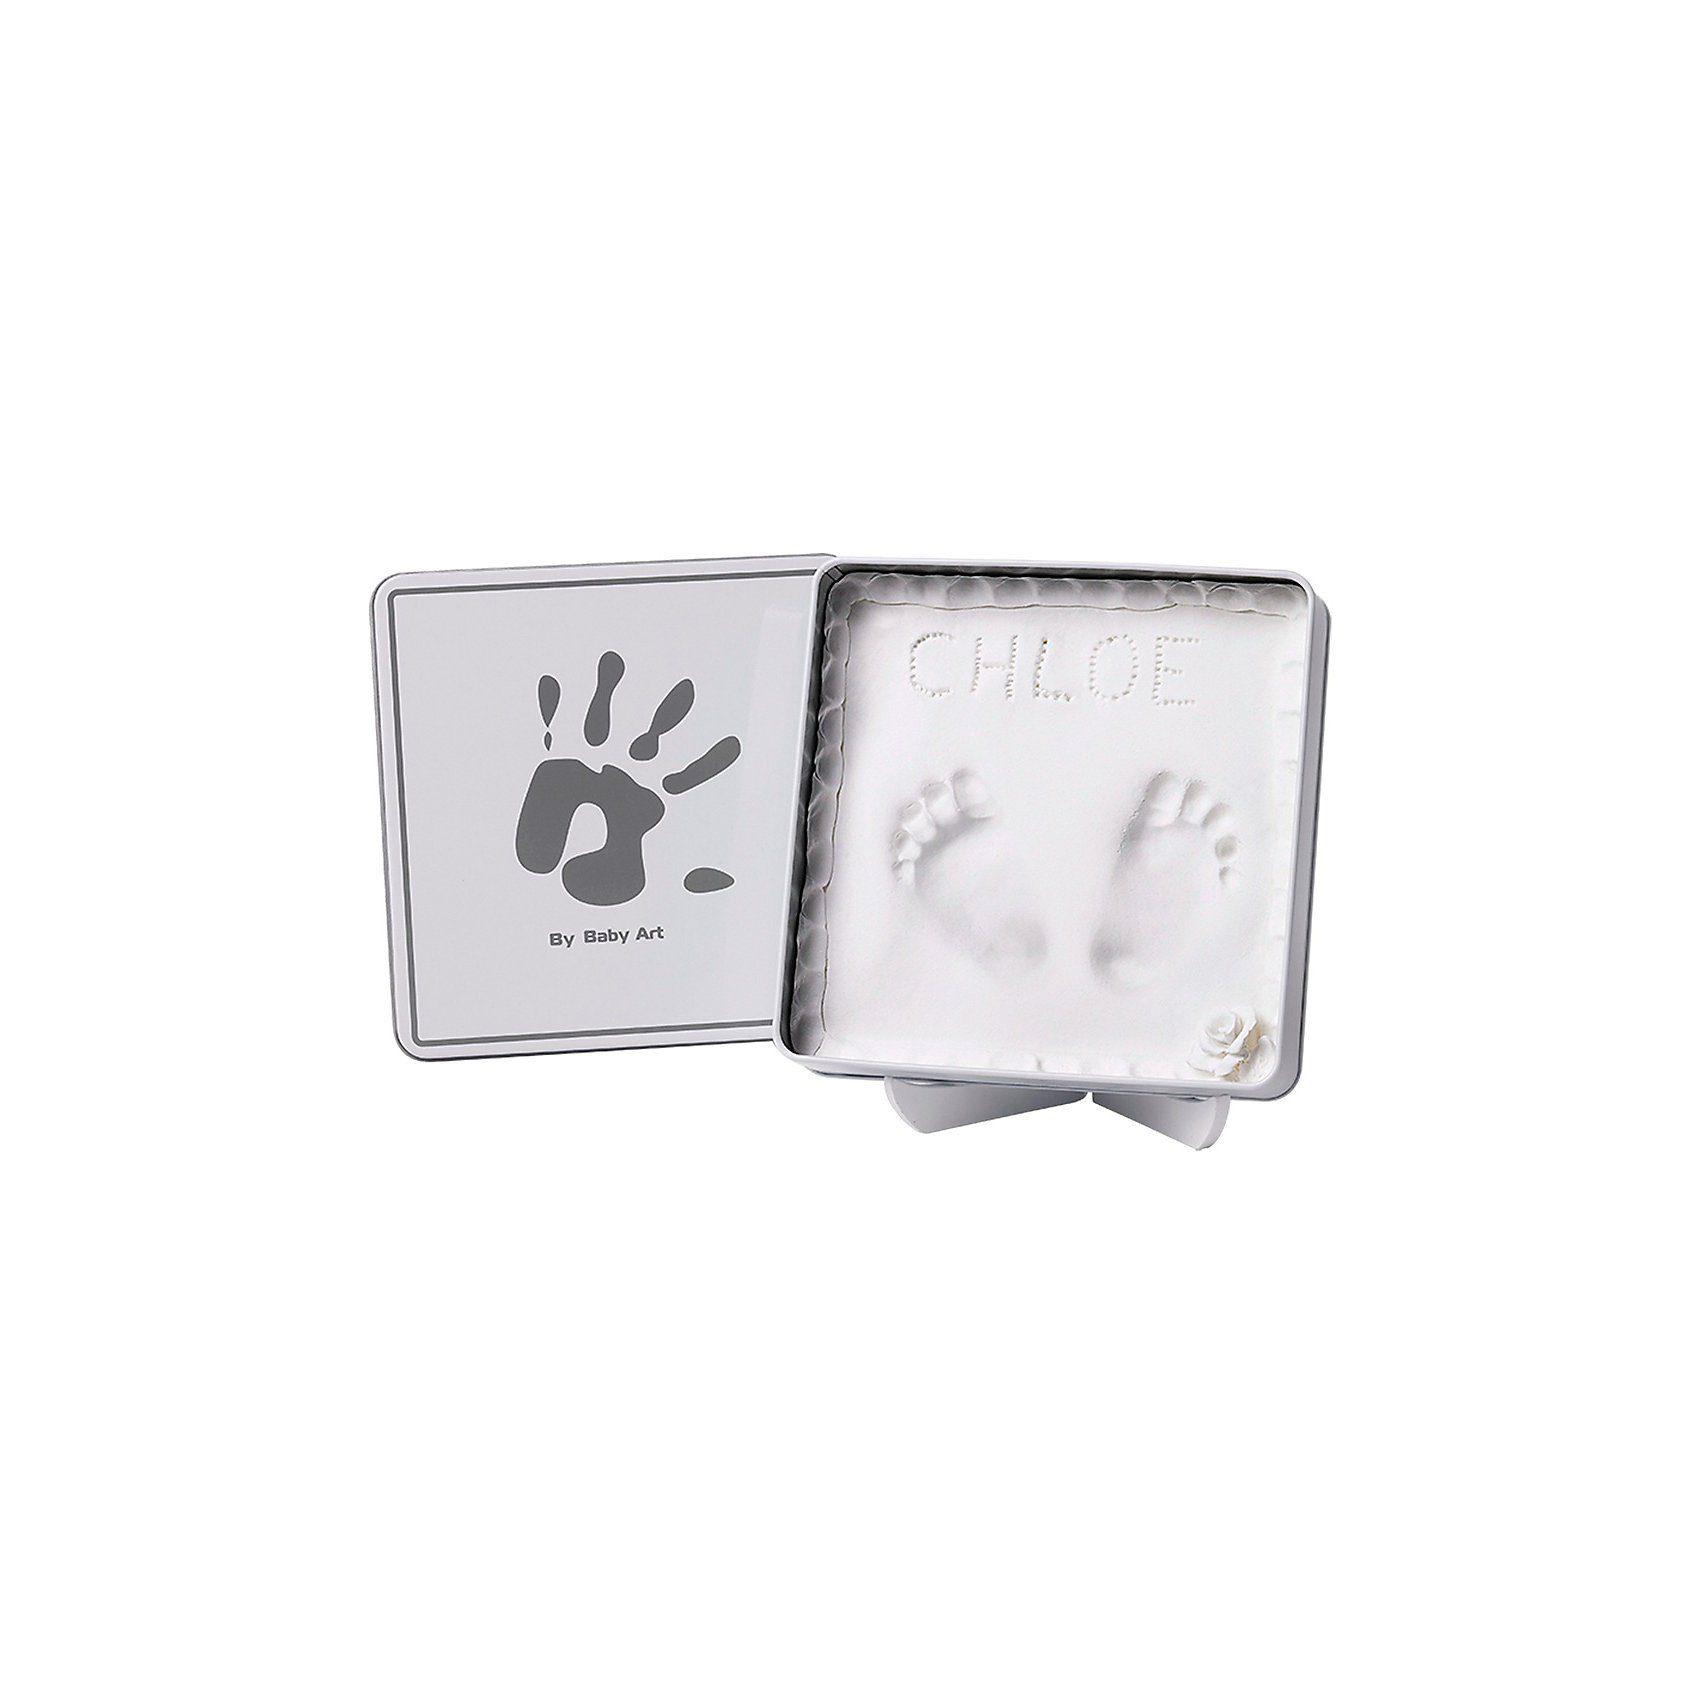 Baby Art Gipsabdruck Magic Box, white/grey